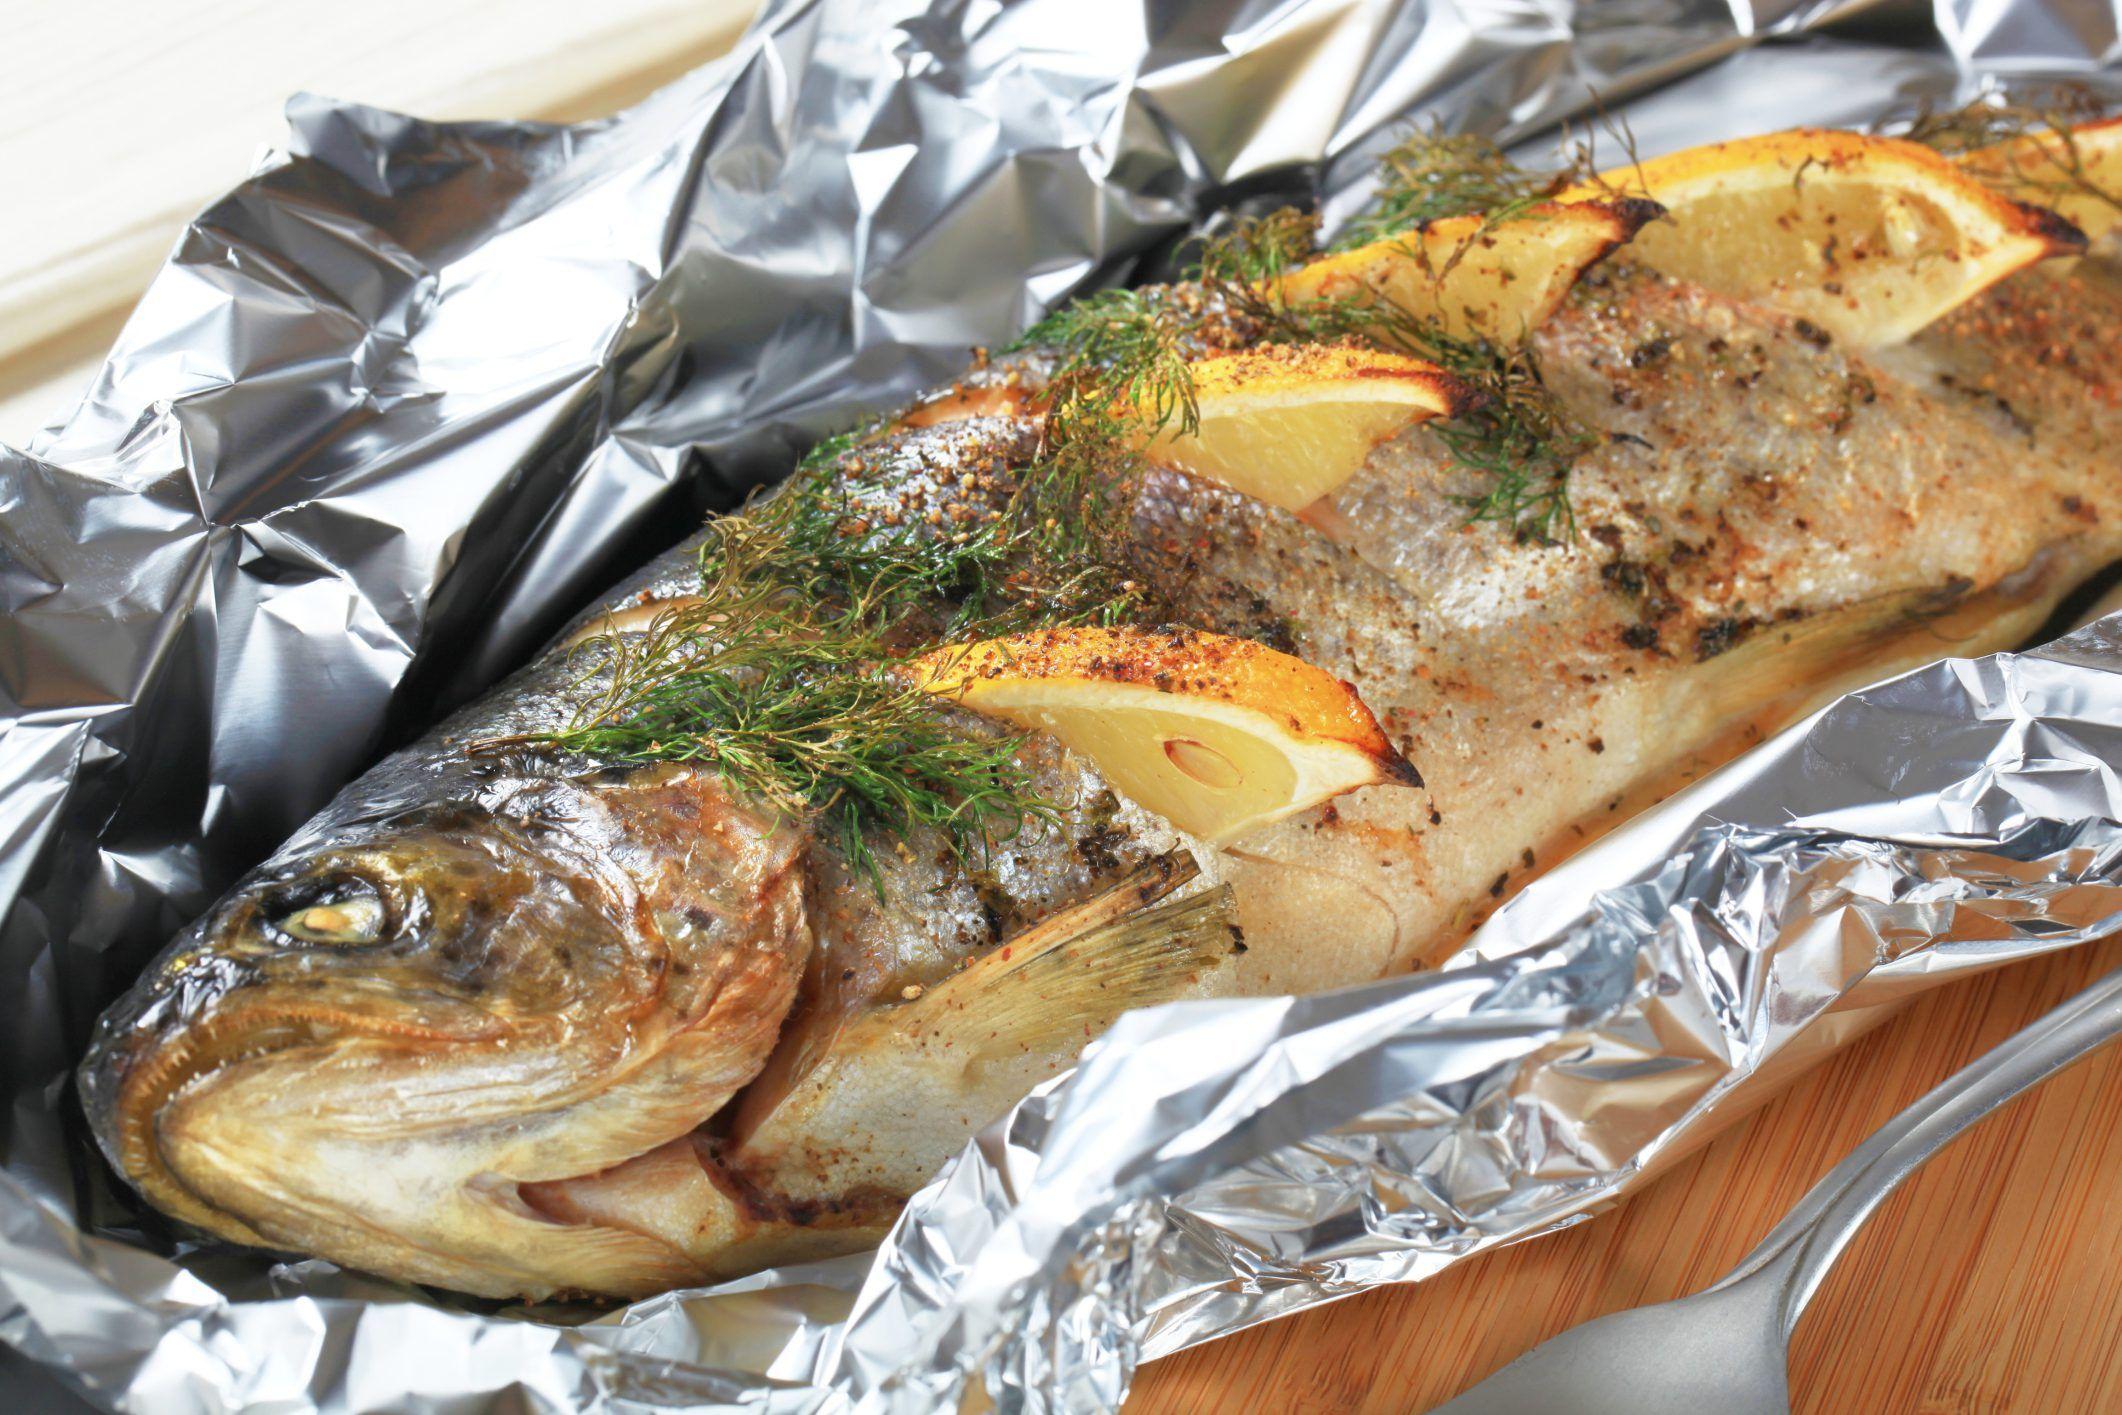 cc4e15b6fb36c1d7cbd0fb4e83345286 - How To Get Rid Of Fishy Taste In Salmon